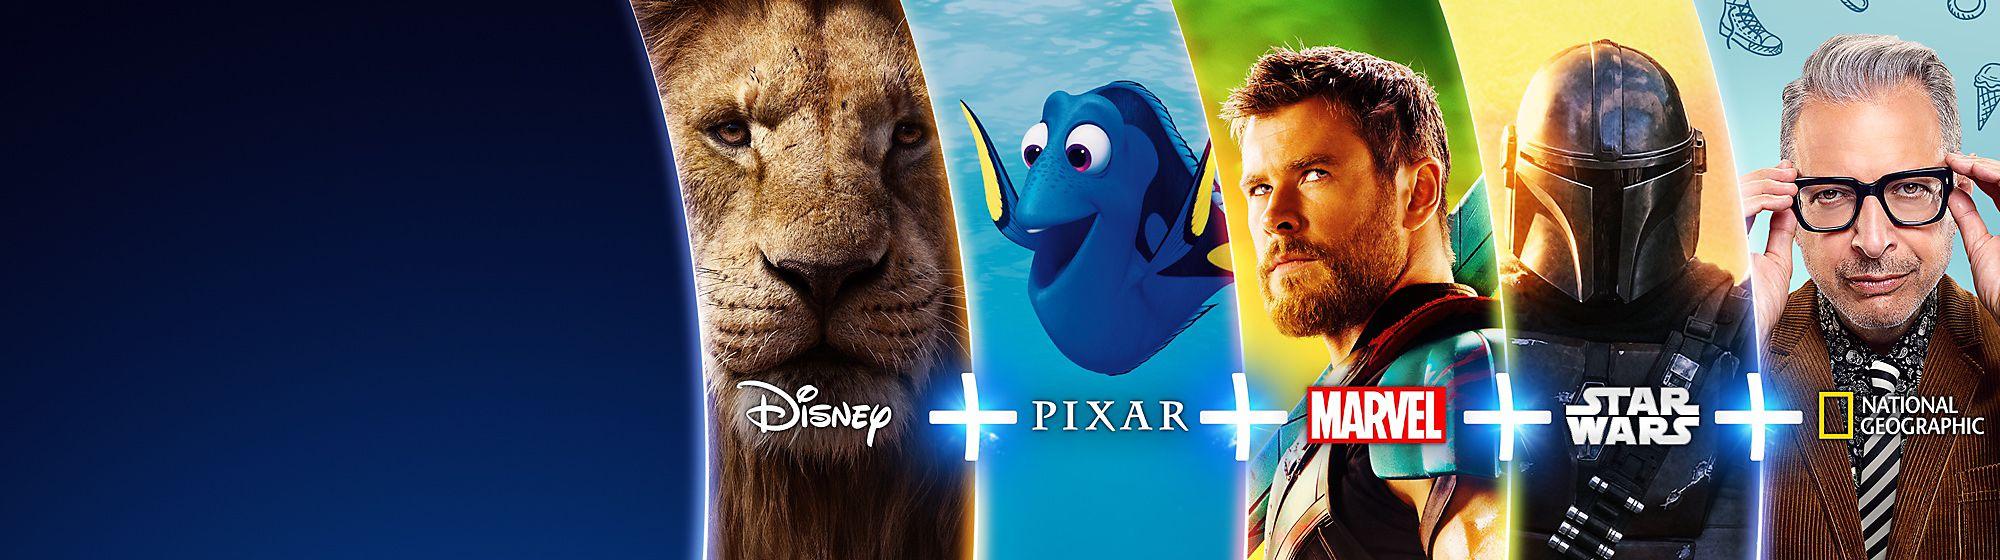 Disney+ Sortiment Die besten Geschichten, alle an einem Ort. JETZT STREAMEN